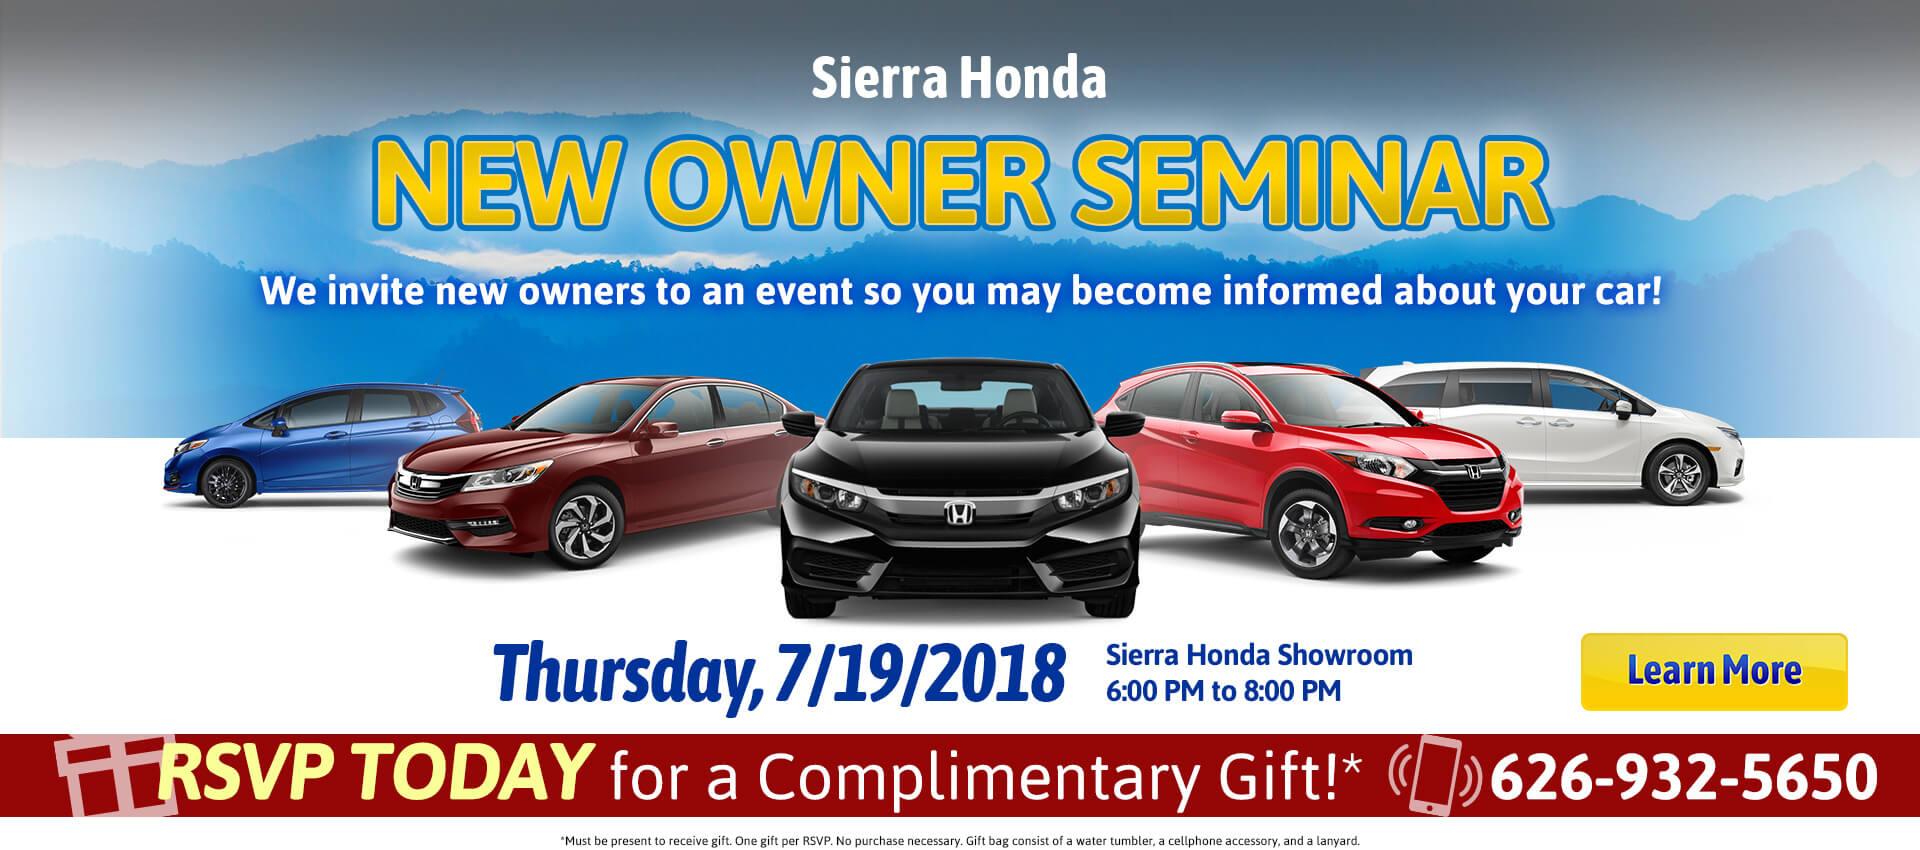 New Owner Seminar